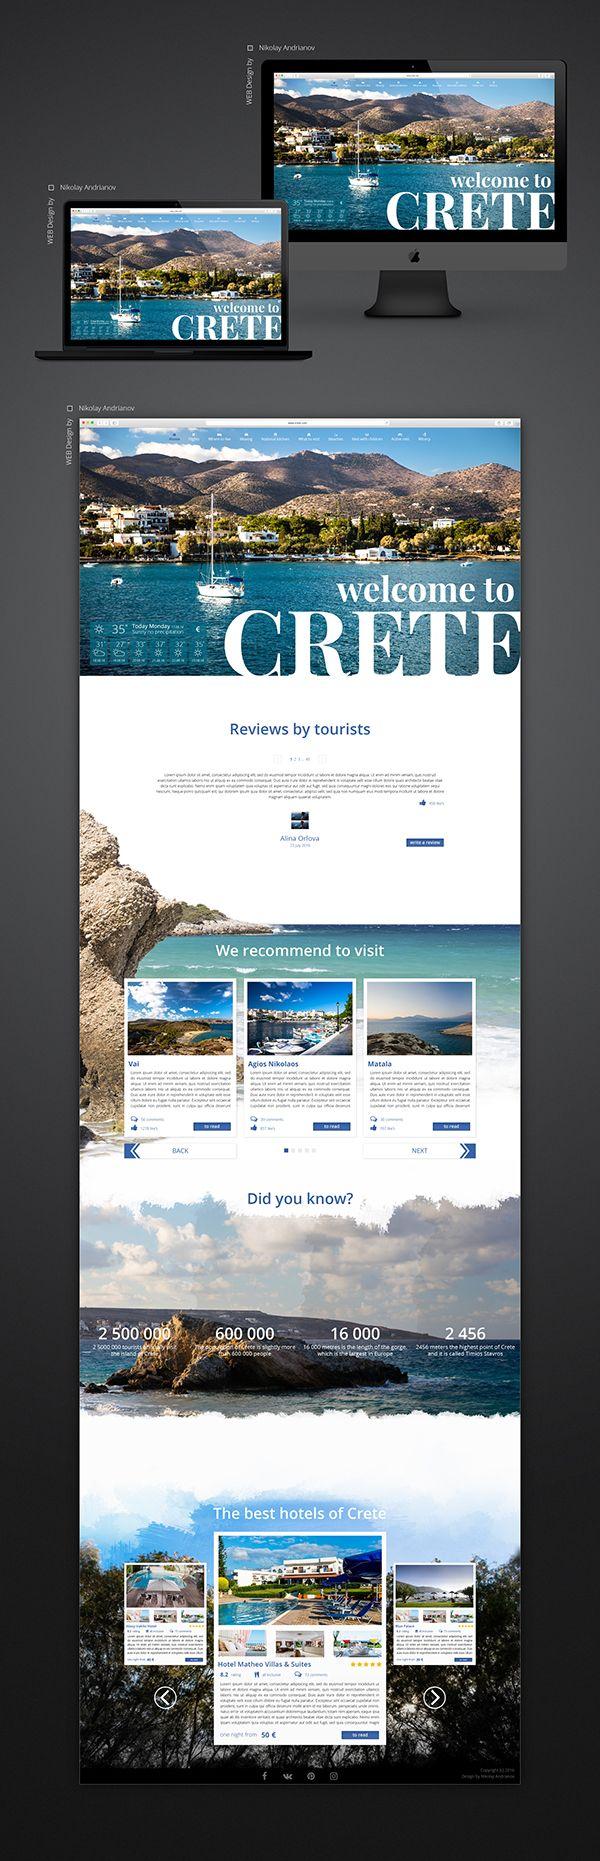 Страница сайта для веб путеводителя. Все фотографии уникальные, кроме снимков отелей, они взяты с сайта booking.com